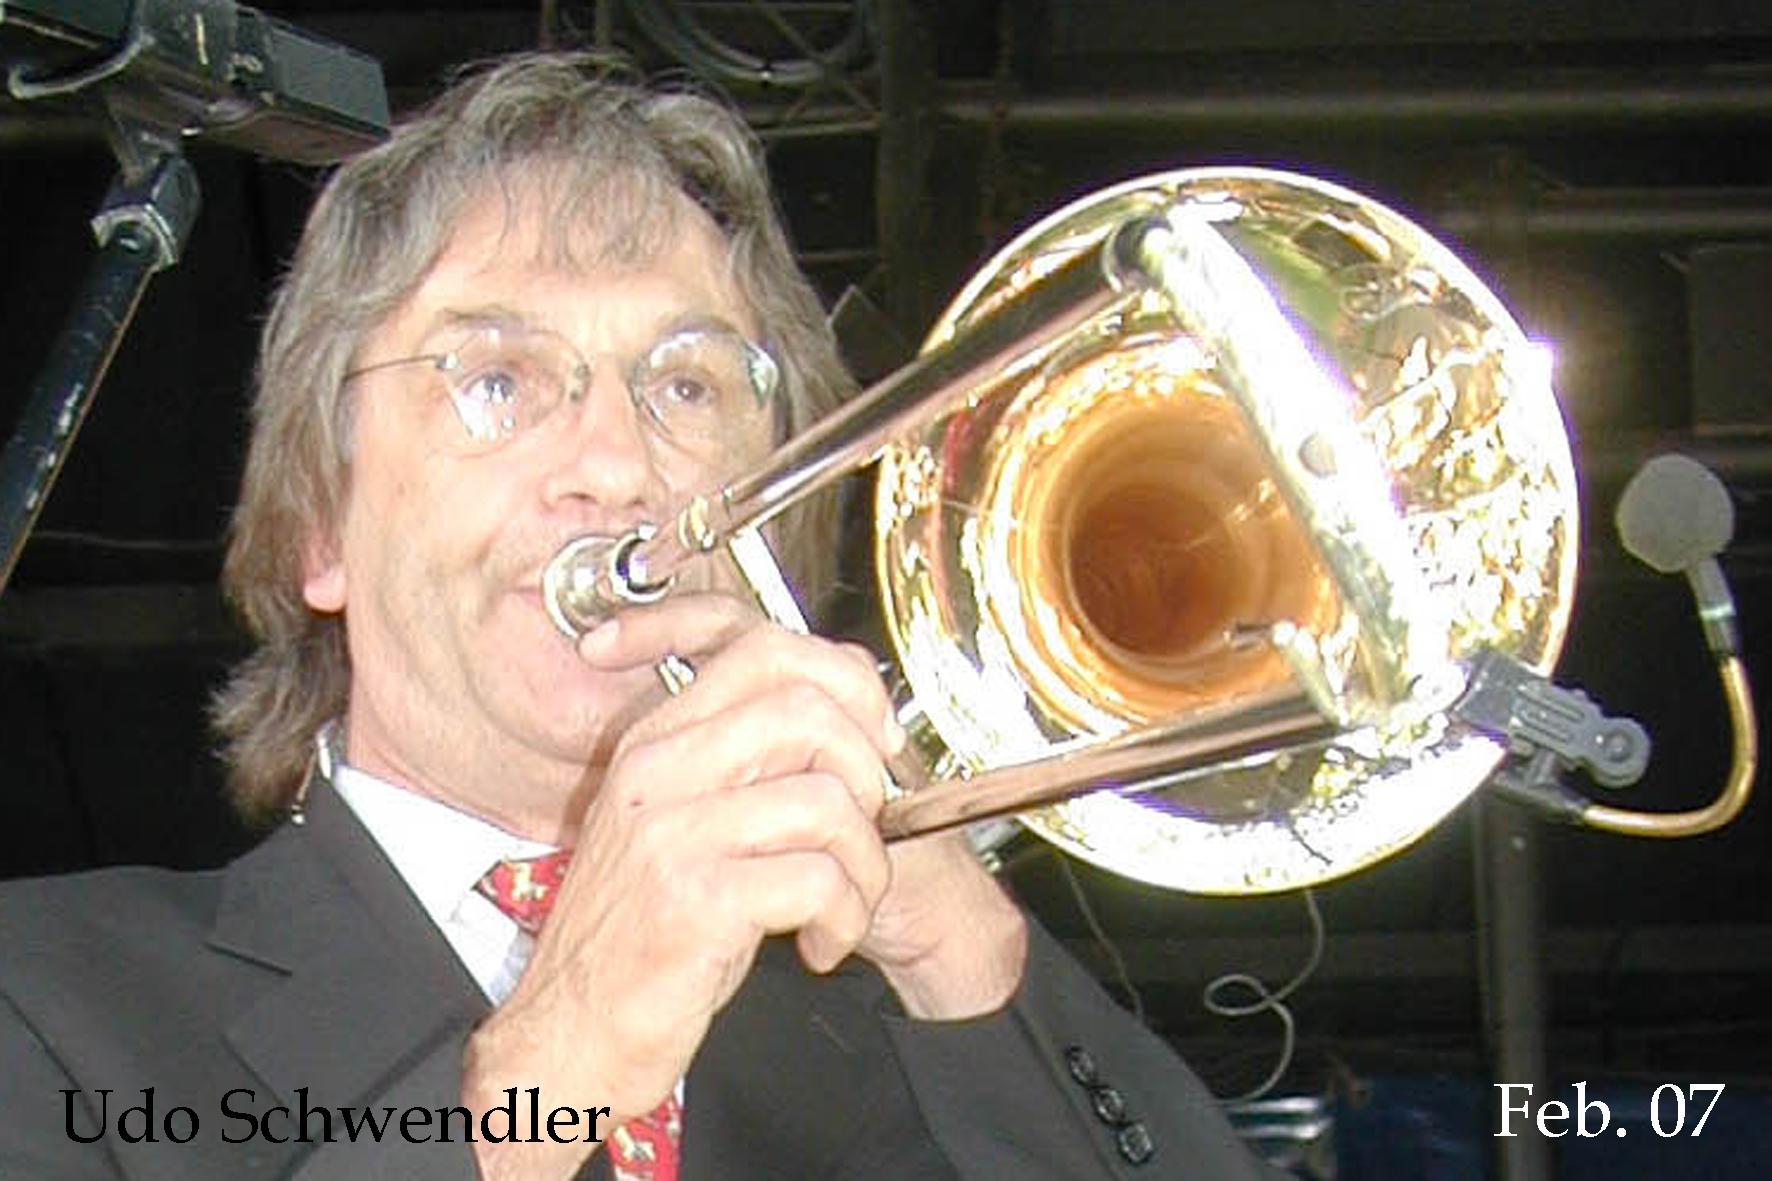 Udo Schwendler